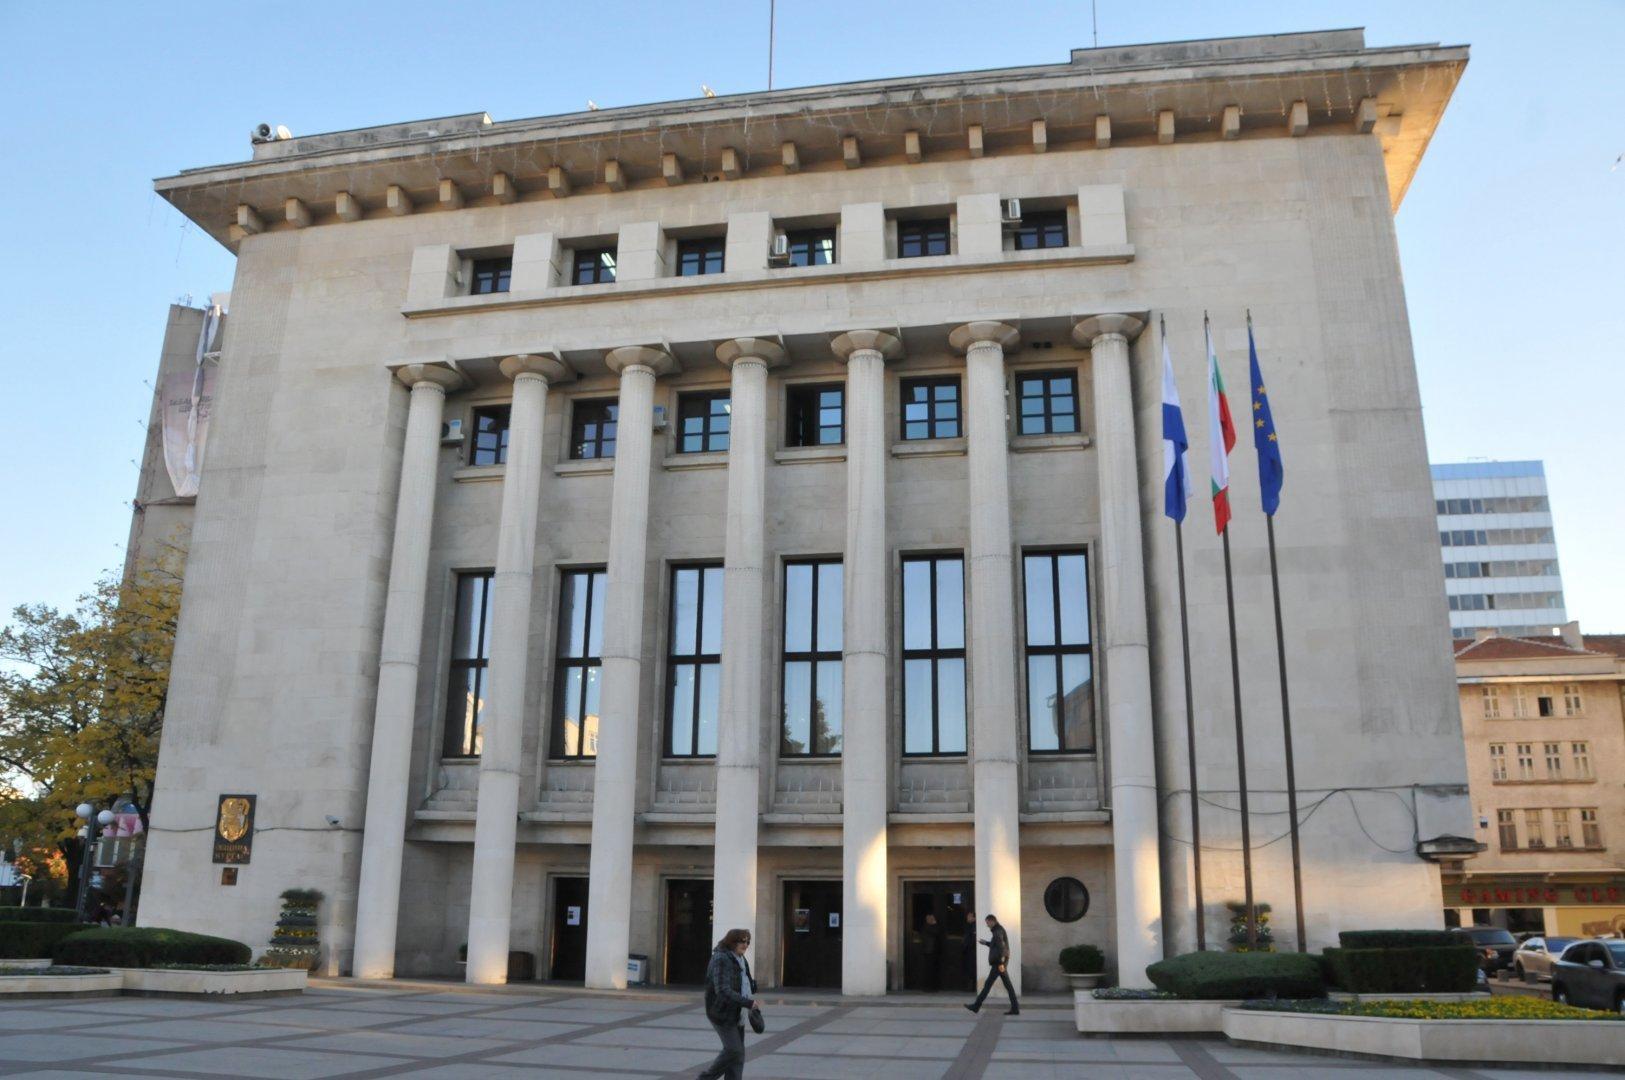 """Със собствени средства Община Бургас е готова да обнови и """"Климент Охридски"""", но този проект също е стопиран заради подписки против премахването на част от дърветата. Снимка Архив Черноморие-бг"""